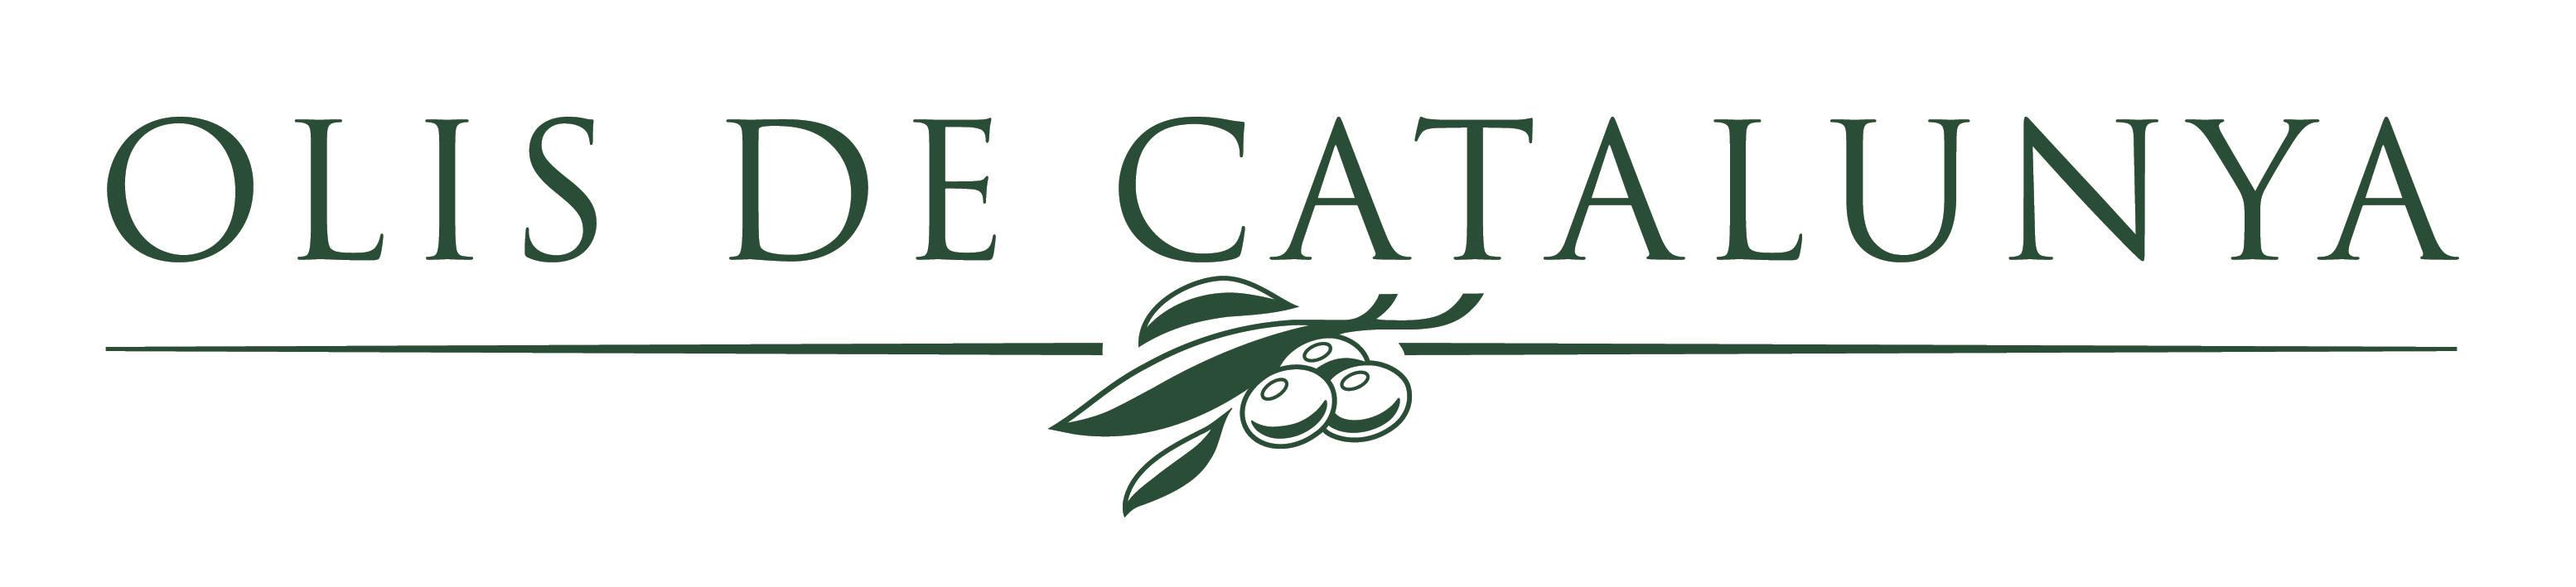 logo_olis-02.jpg